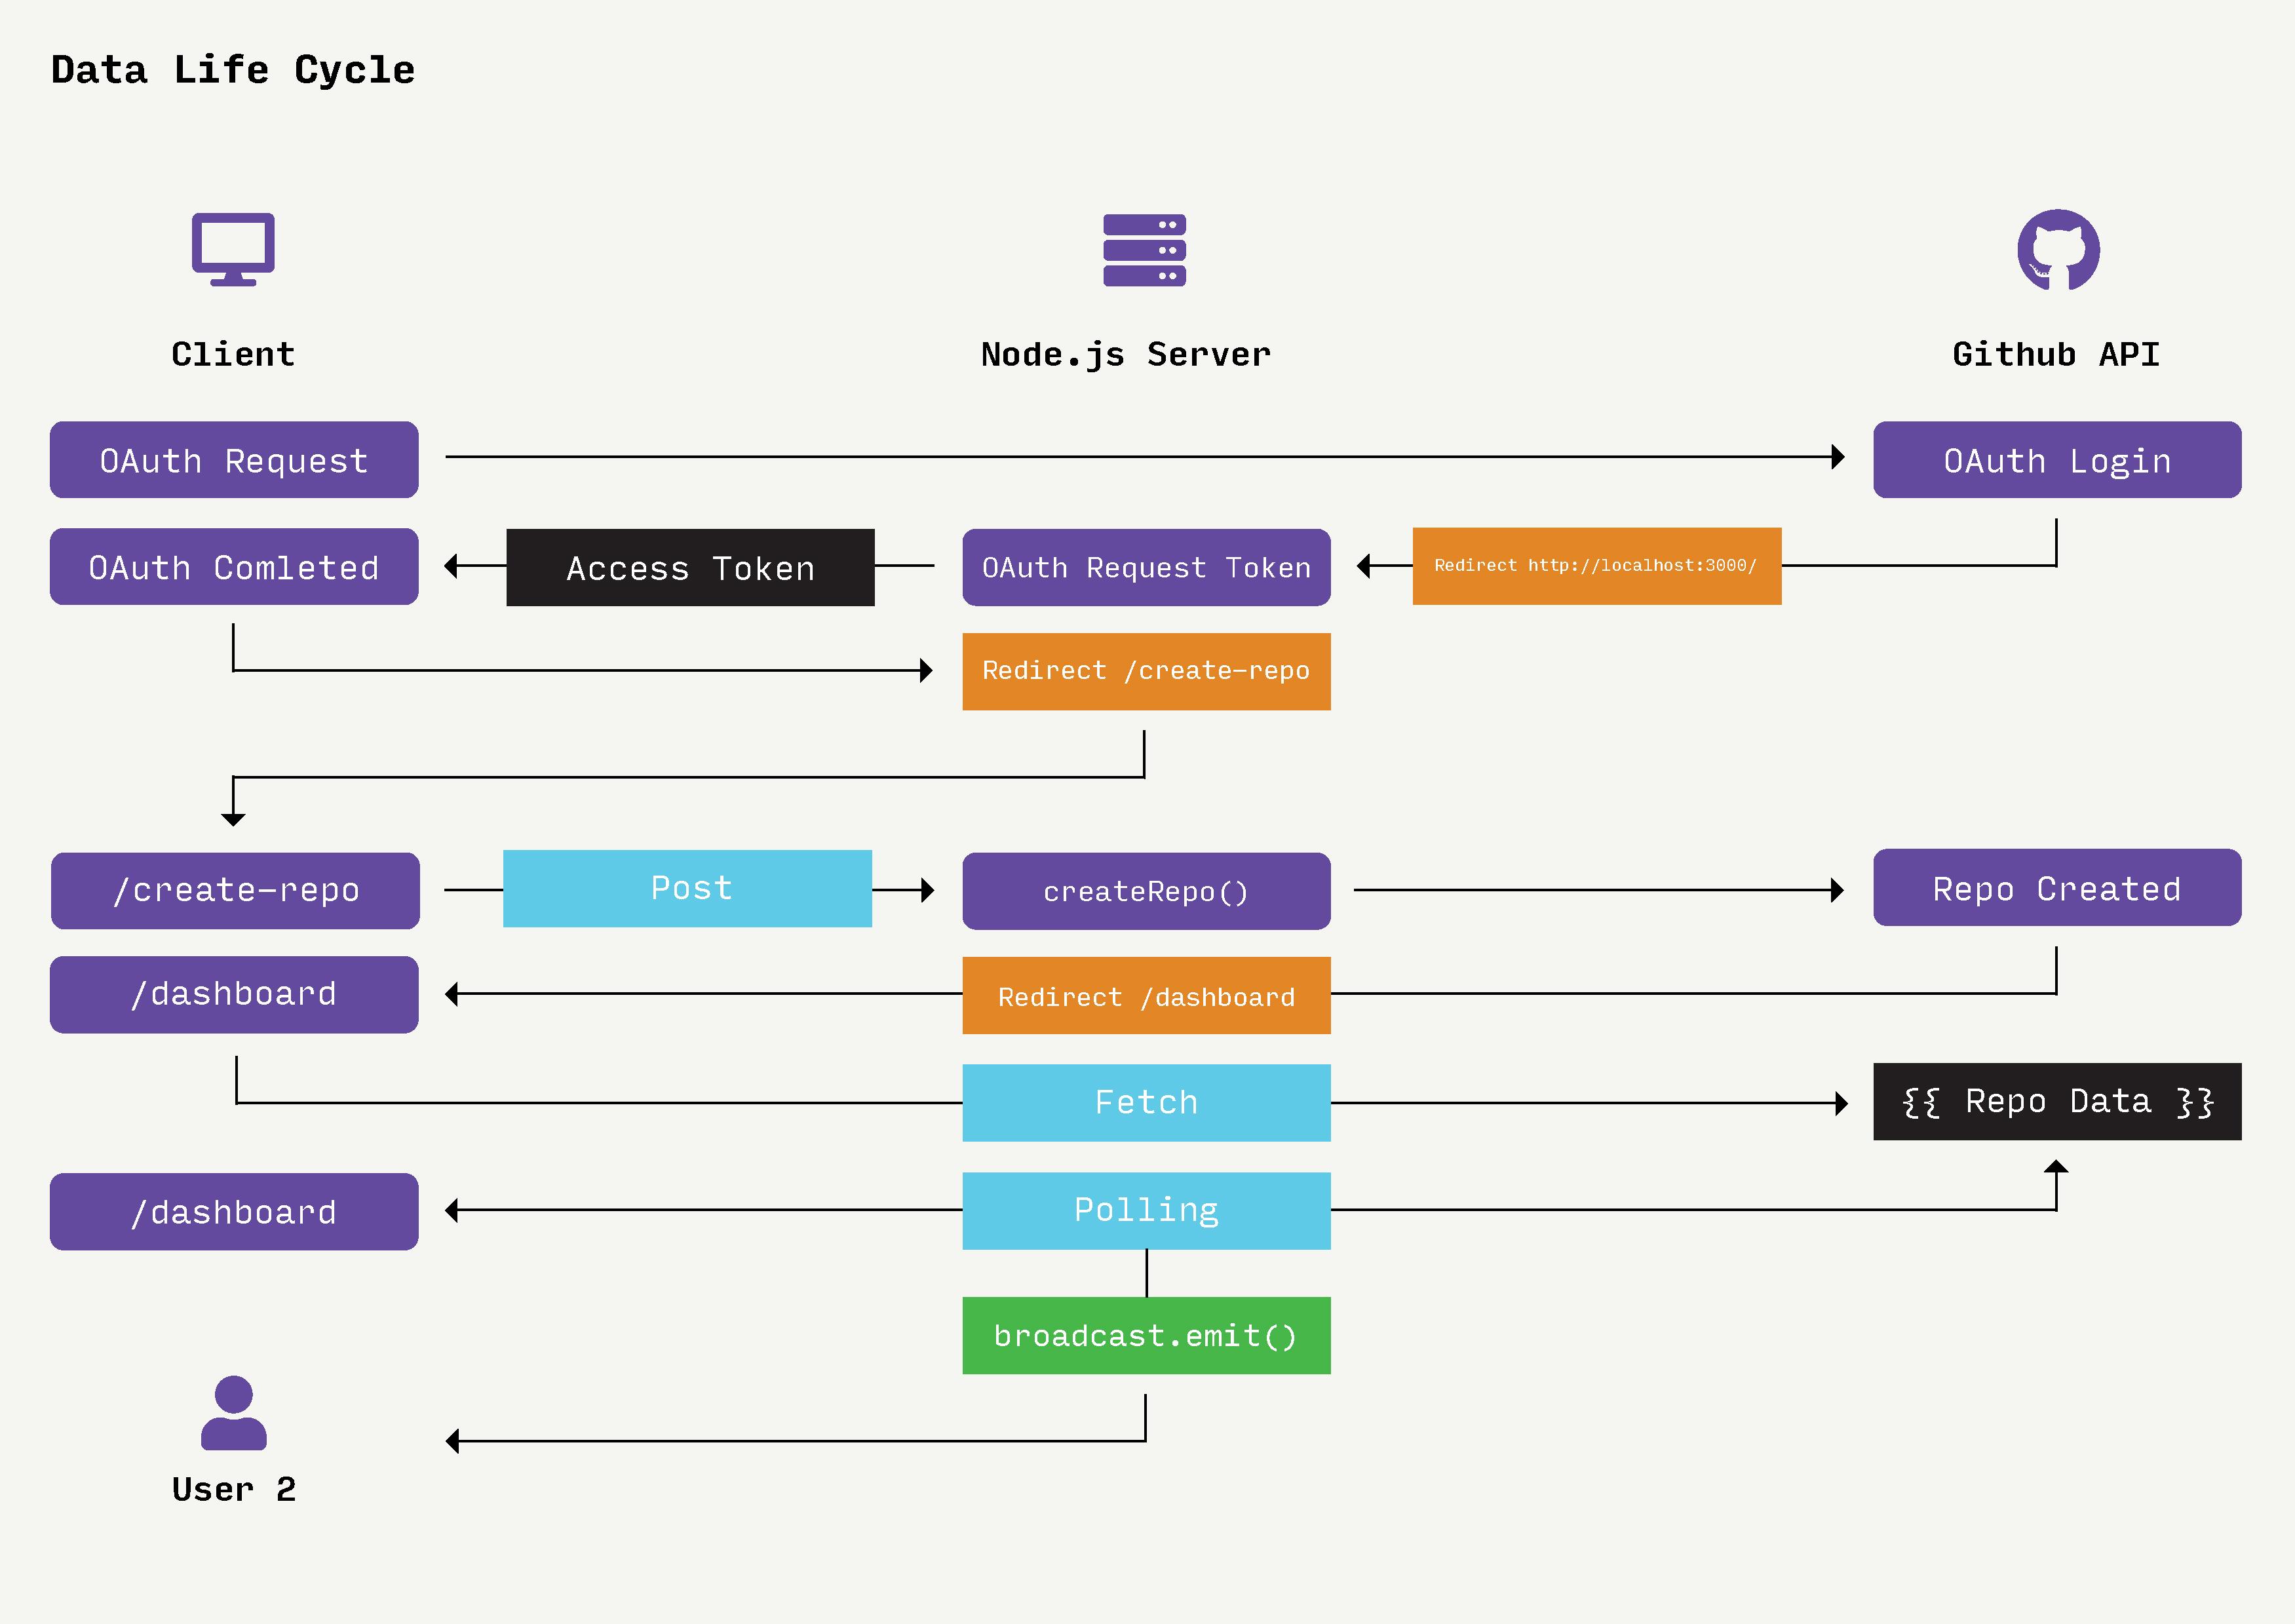 Data Life Cycle v2